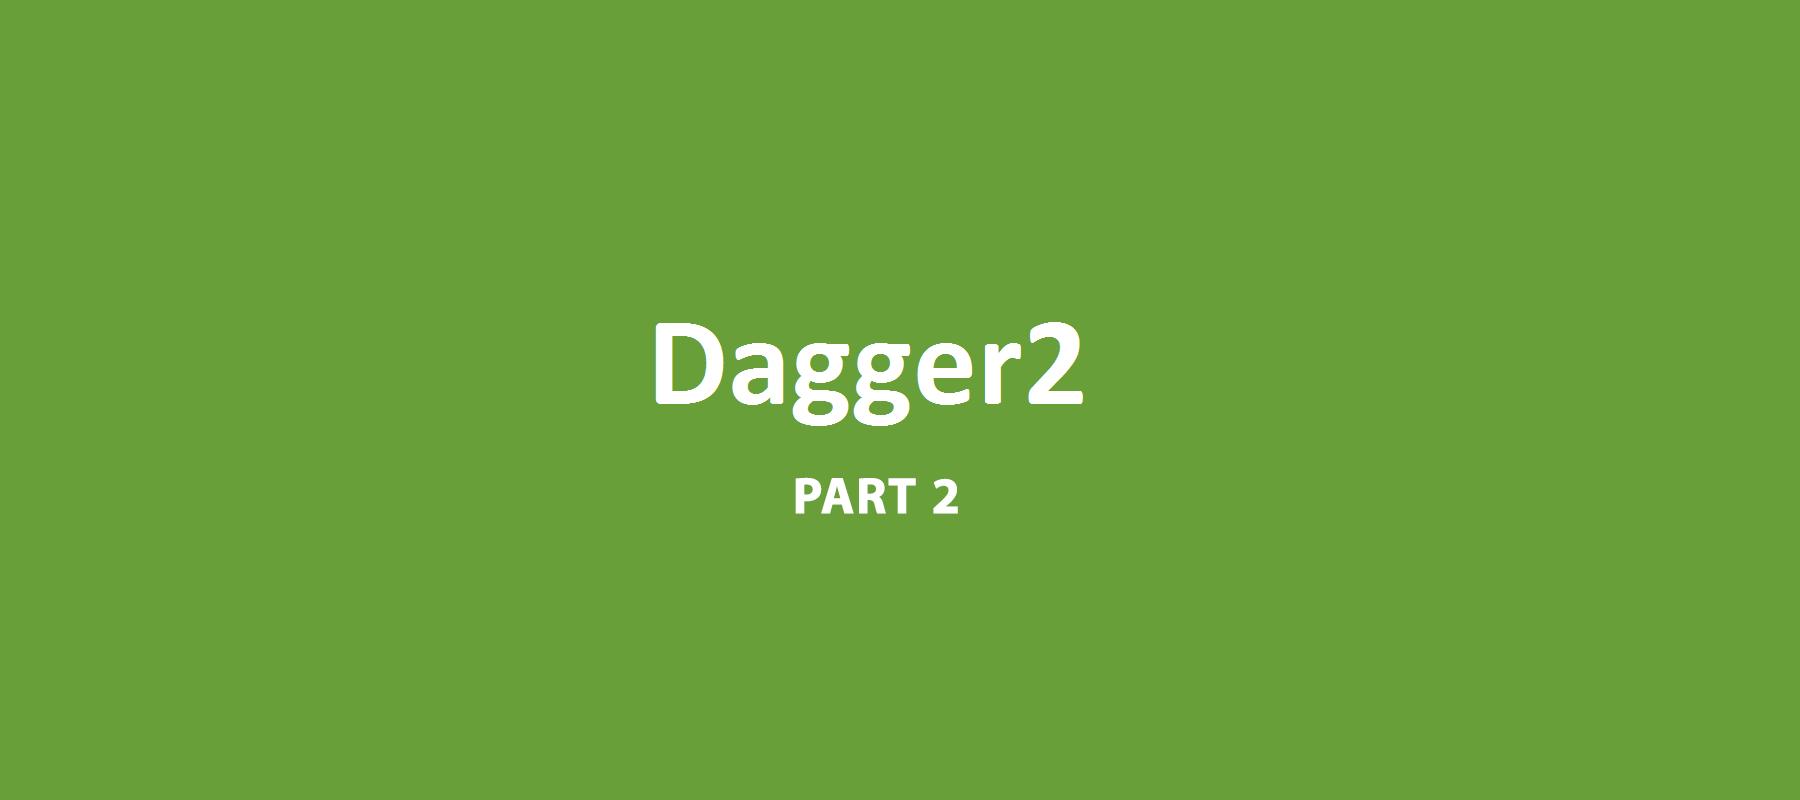 Dagger 2 ___ Part 2